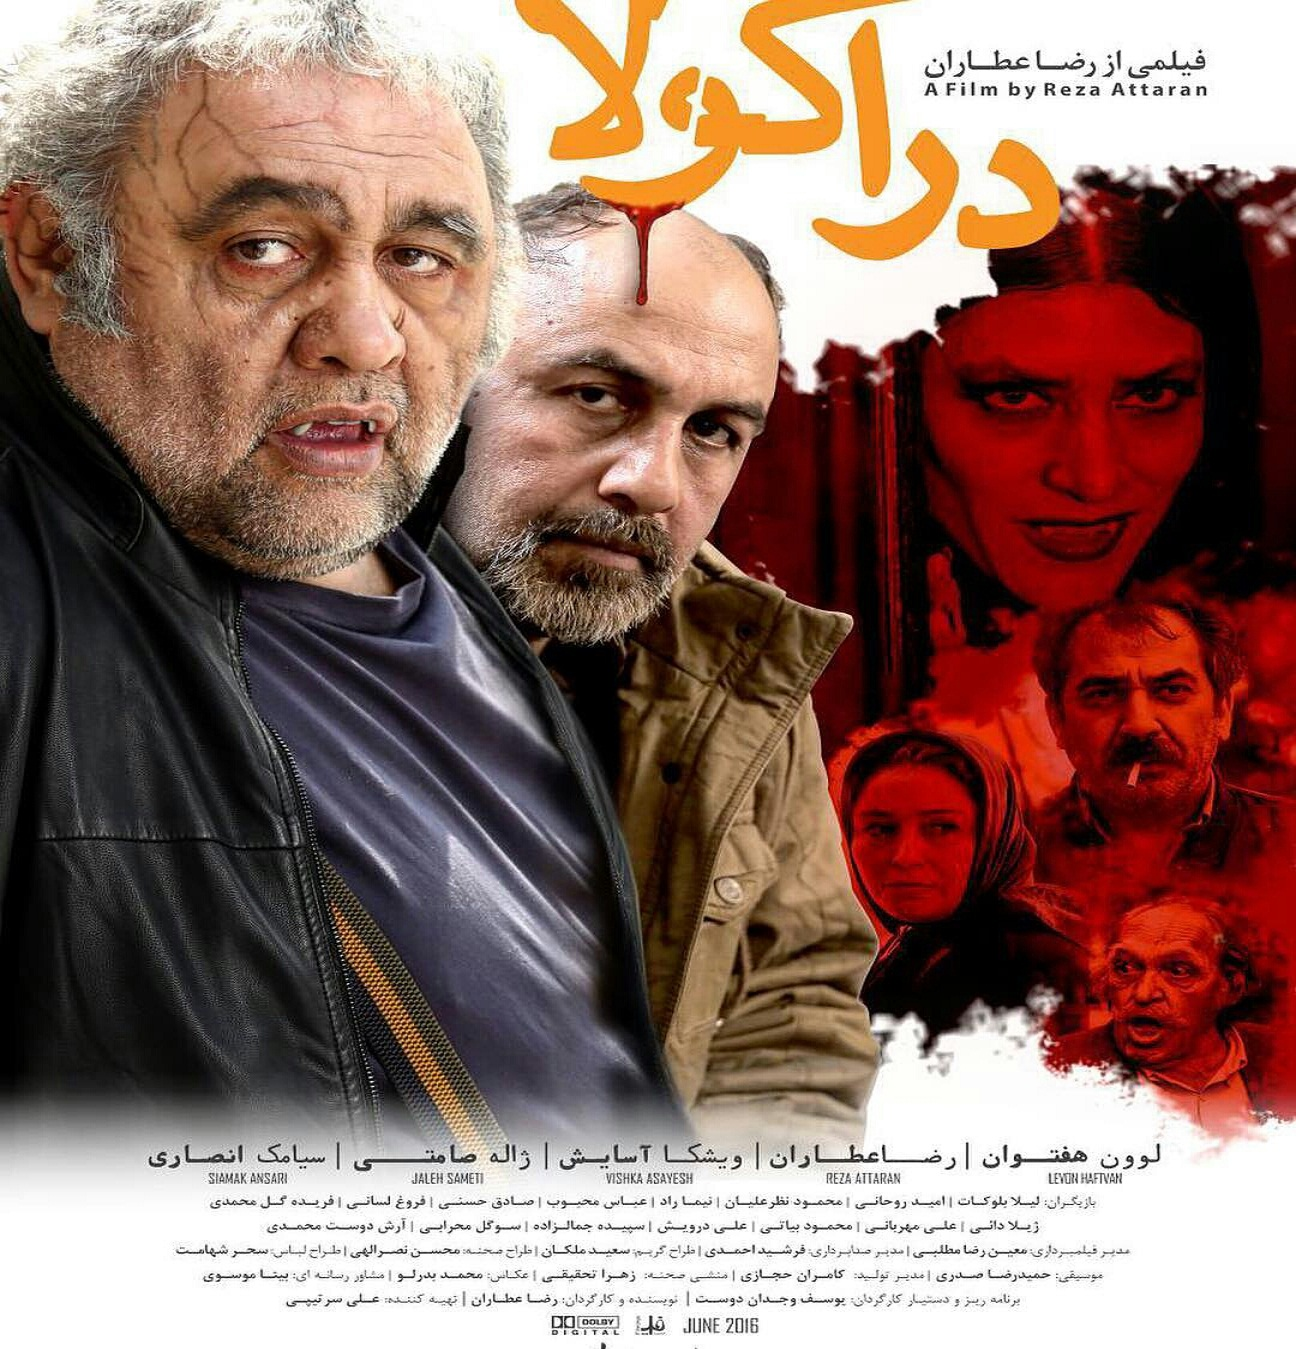 دانلود رایگان فیلم ایرانی دراکولا با کیفیت عالی و لینک مستقیم